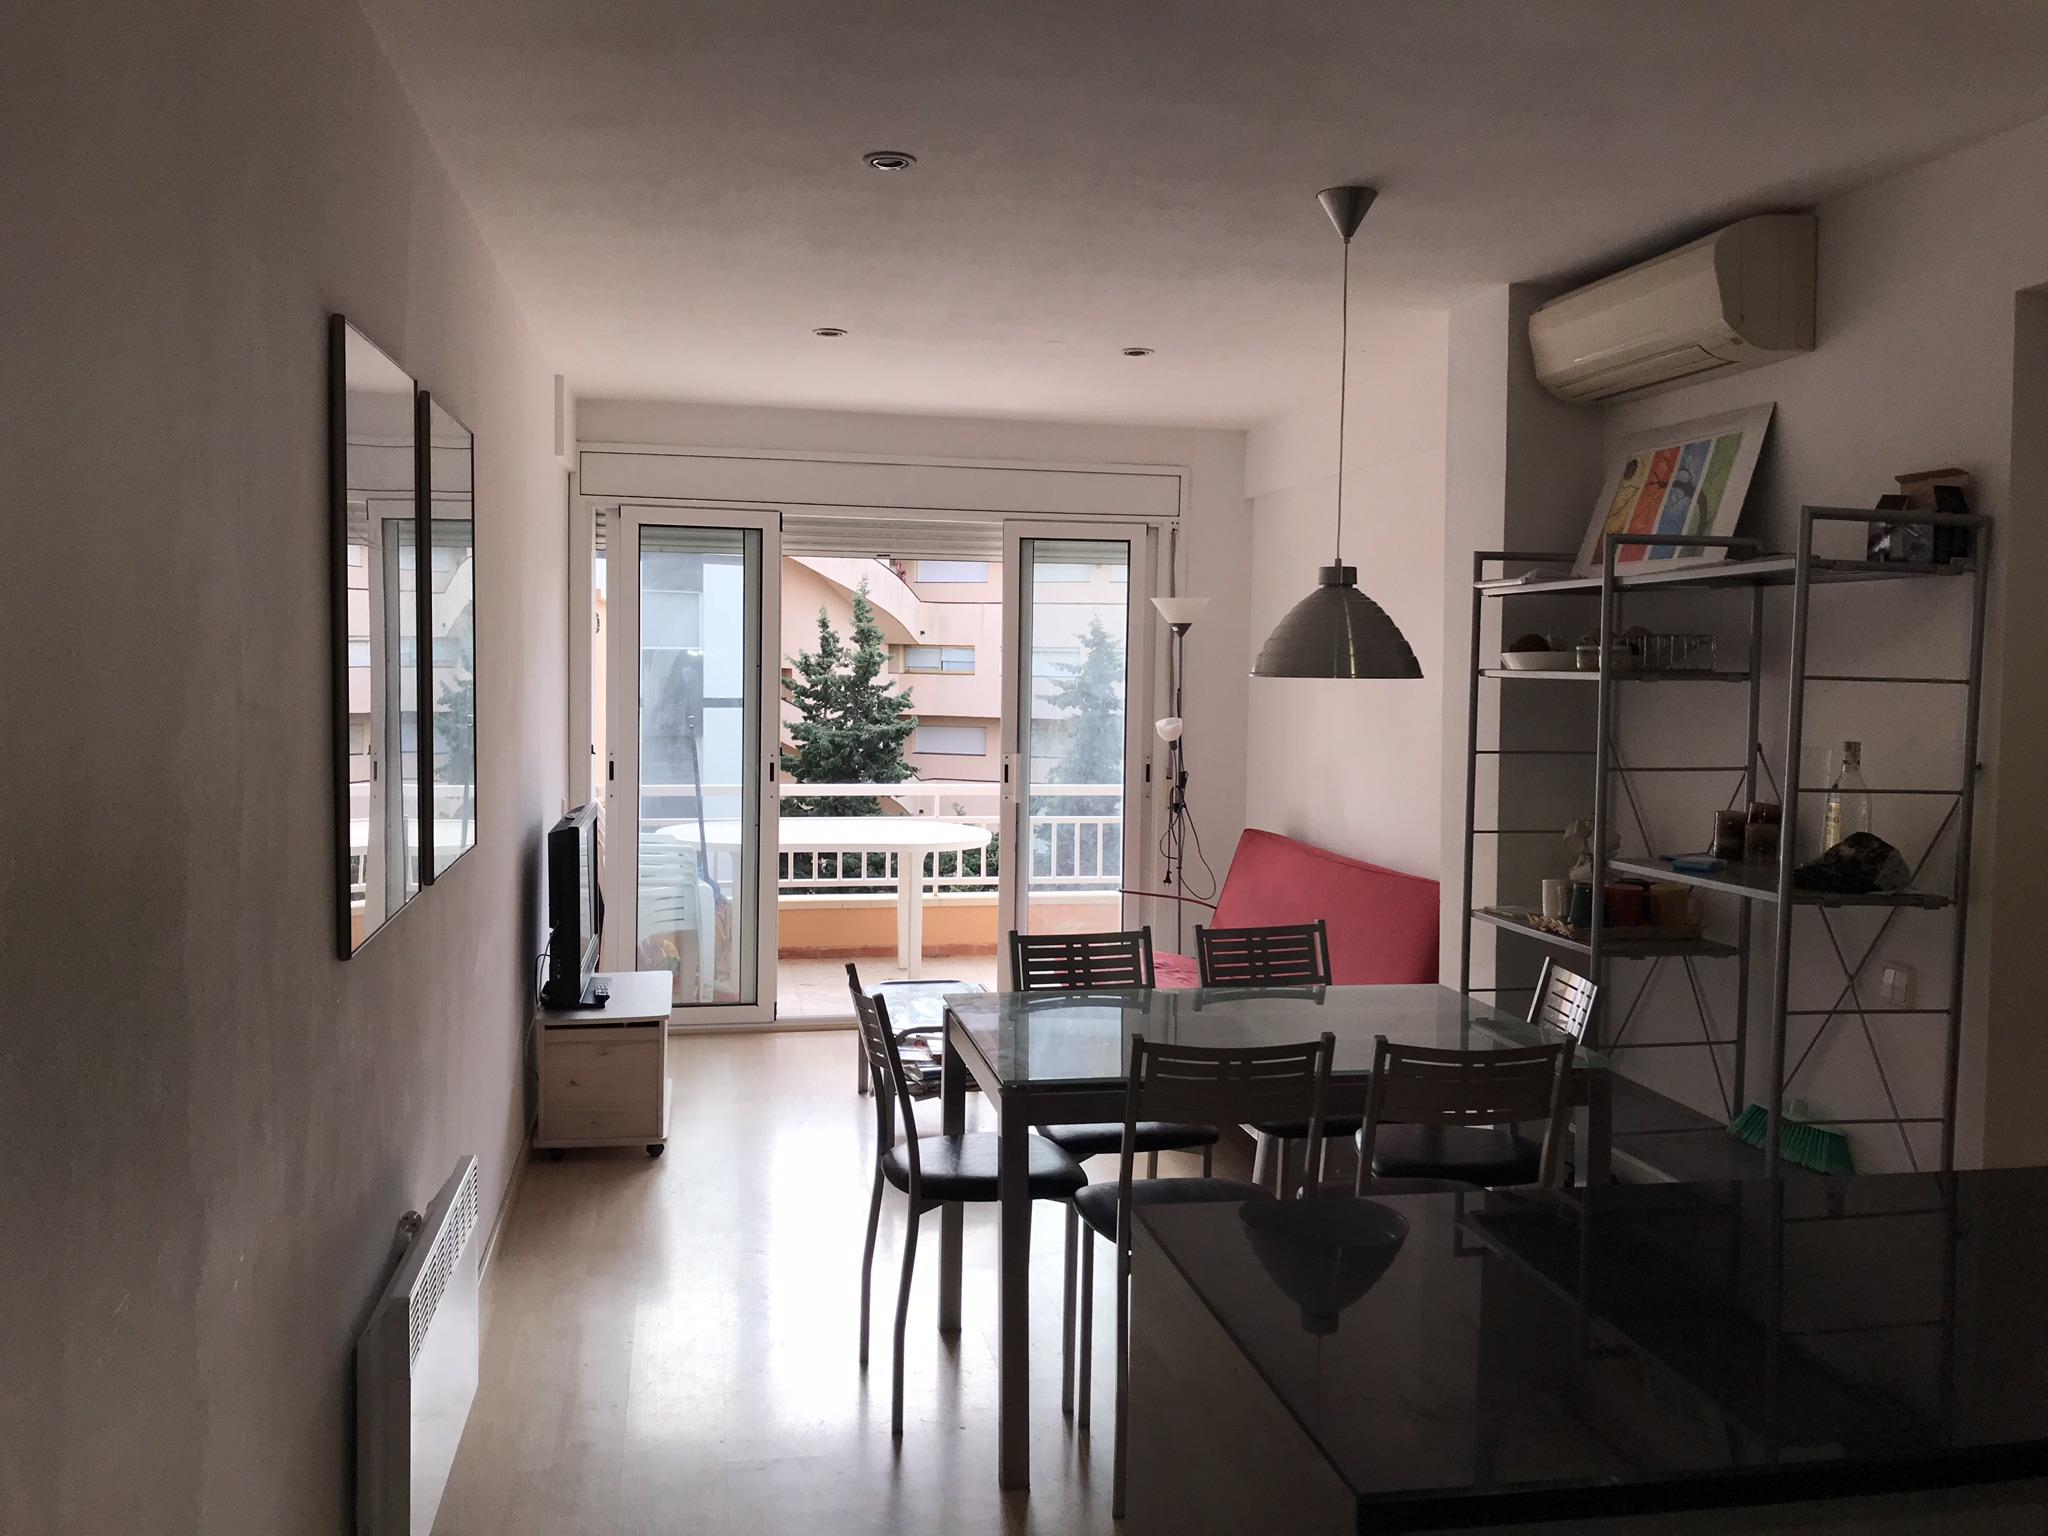 Louer apartament 3 chambres platja d 39 aro actual online - Mandarina home online ...